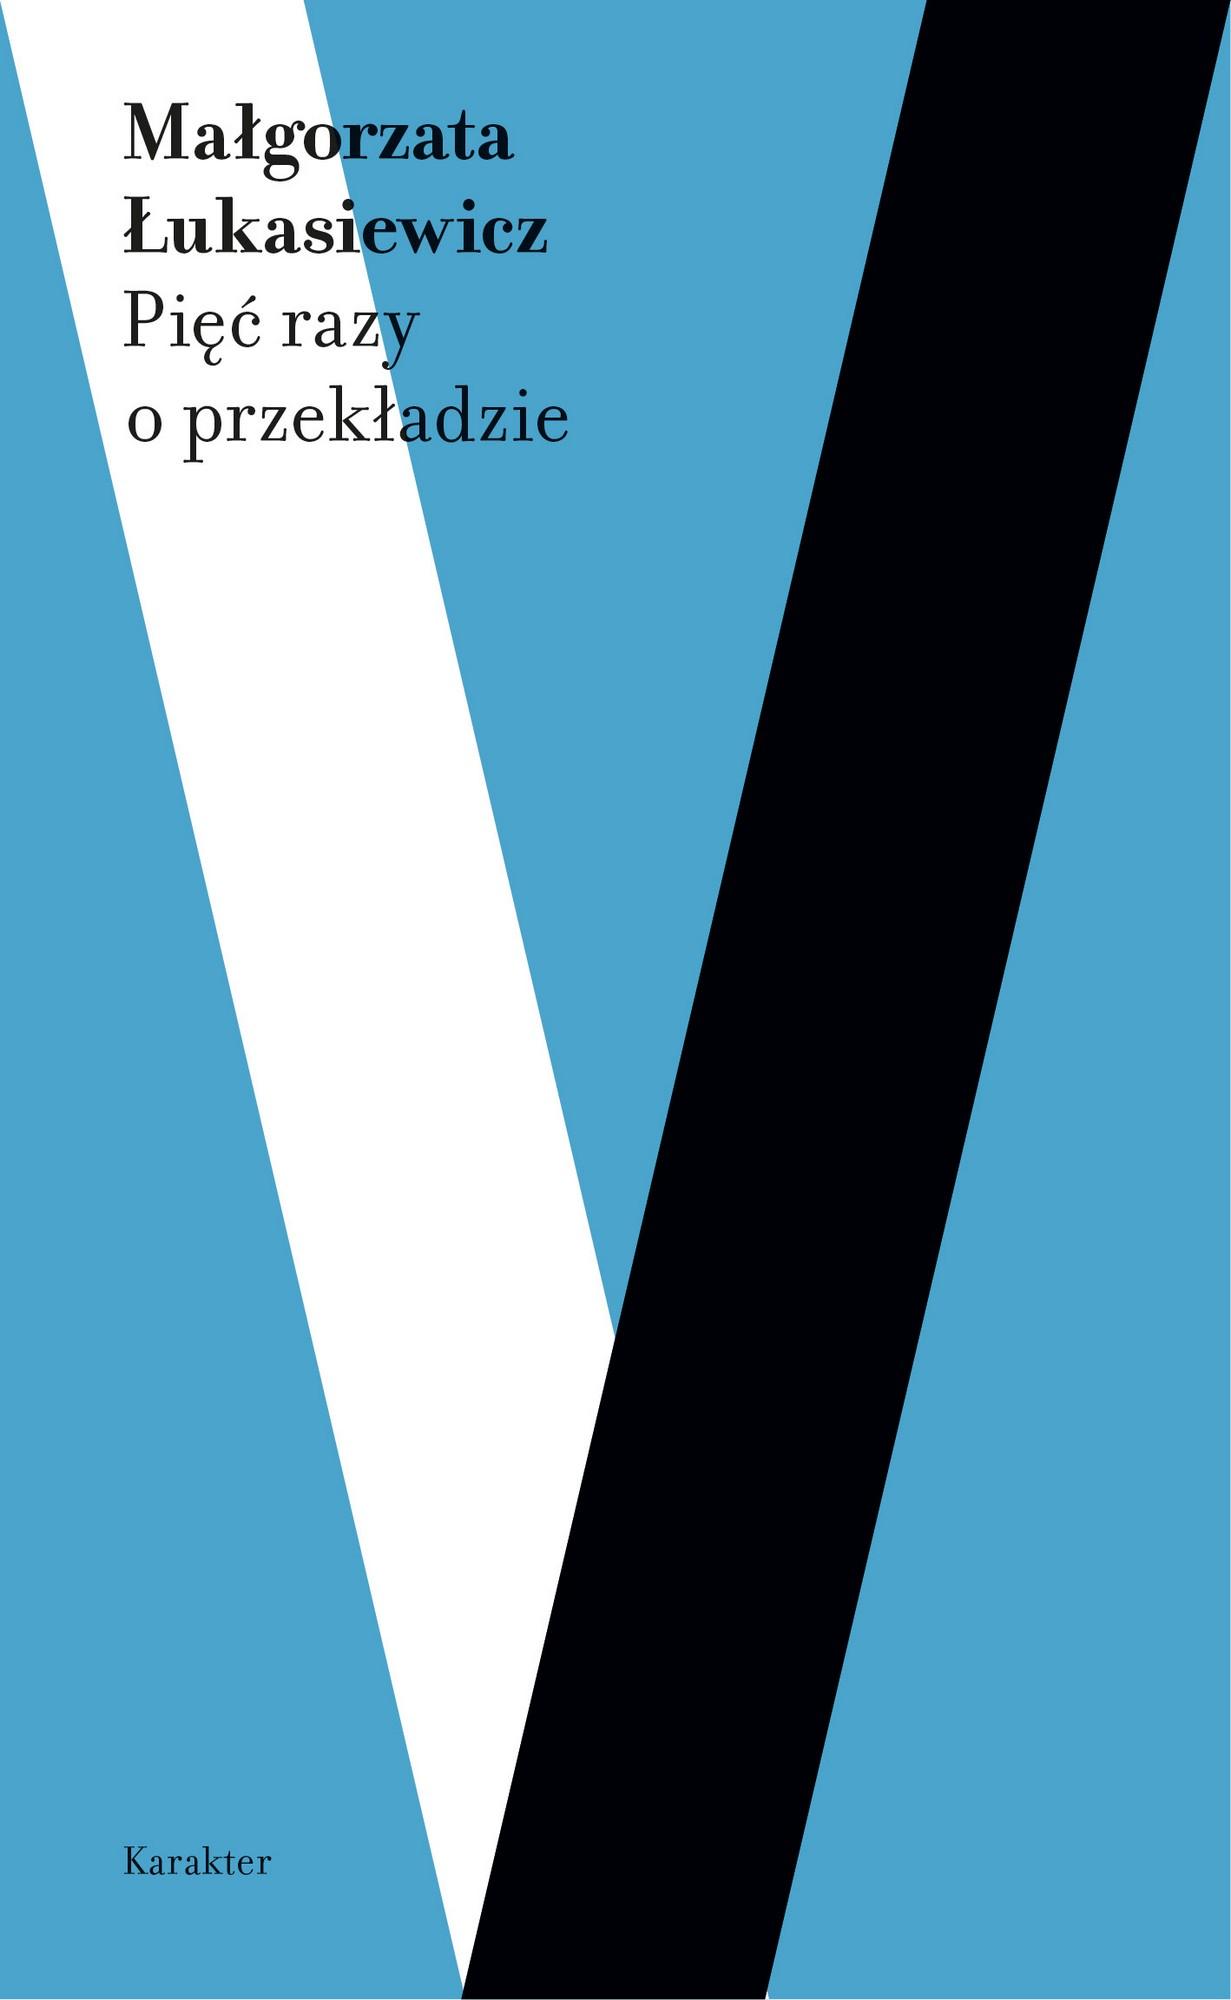 """Małgorzata Łukasiewicz,""""Pięć razy o przekładzie"""" – okładka (źródło: materiały prasowe wydawcy)"""